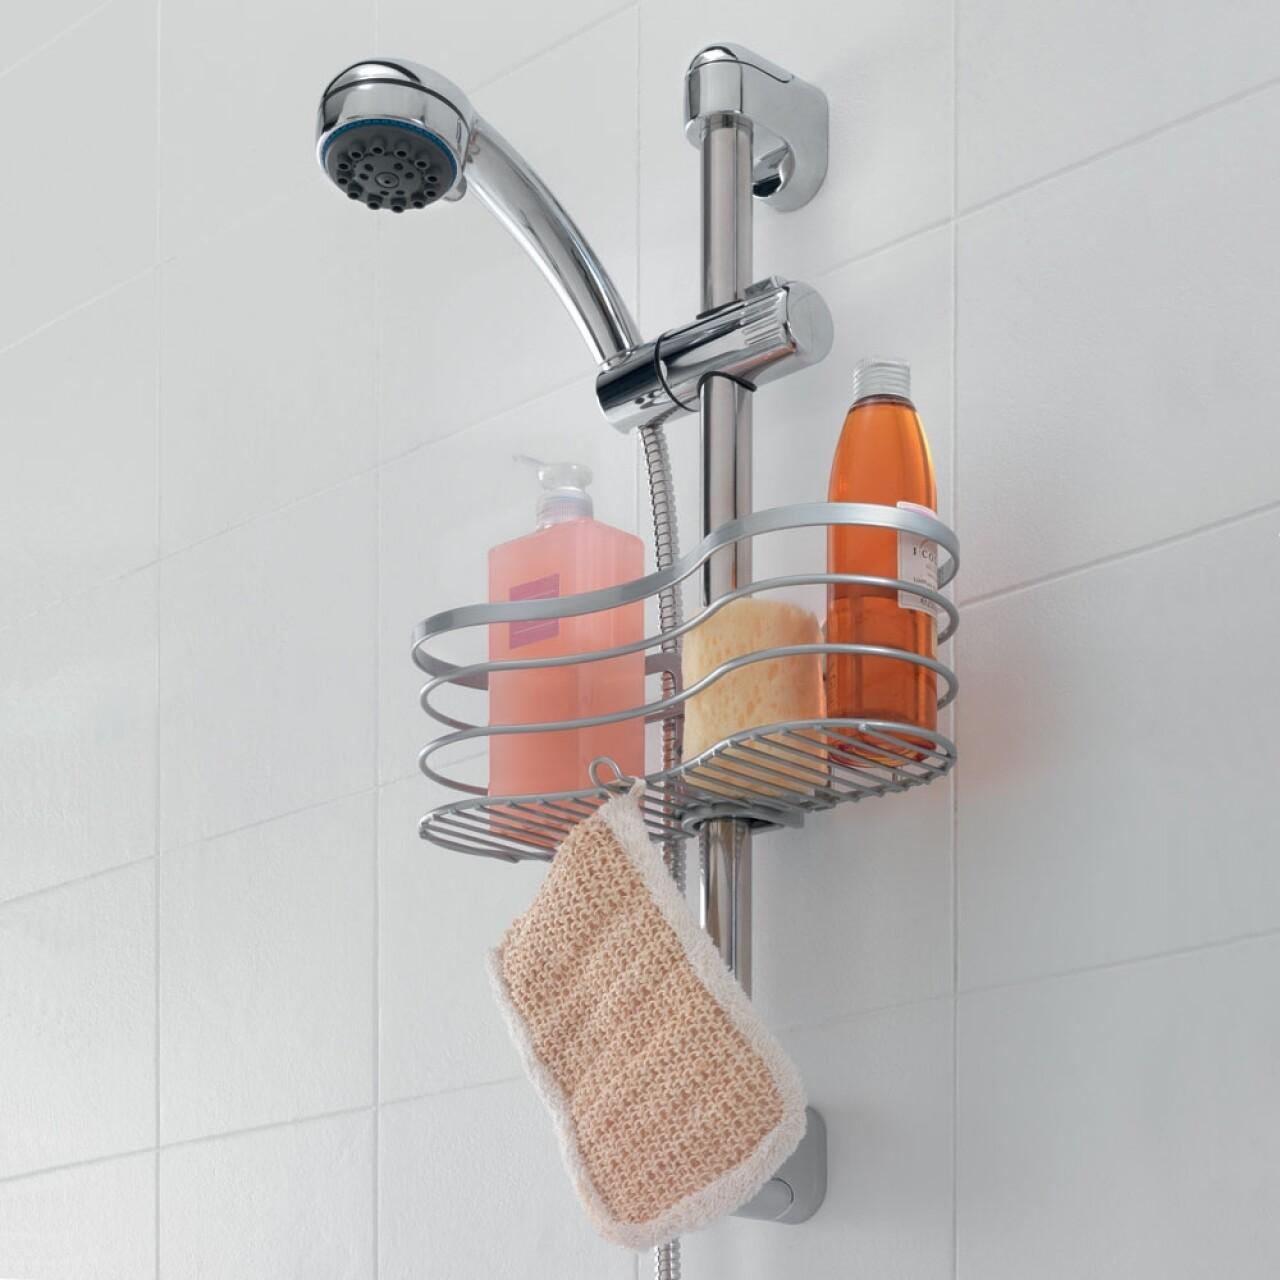 Polita baie cu sistem de prindere Viva Metaltex,  29x12x11 cm, metal/ invelis Polytherm/polipropilena, argintiu